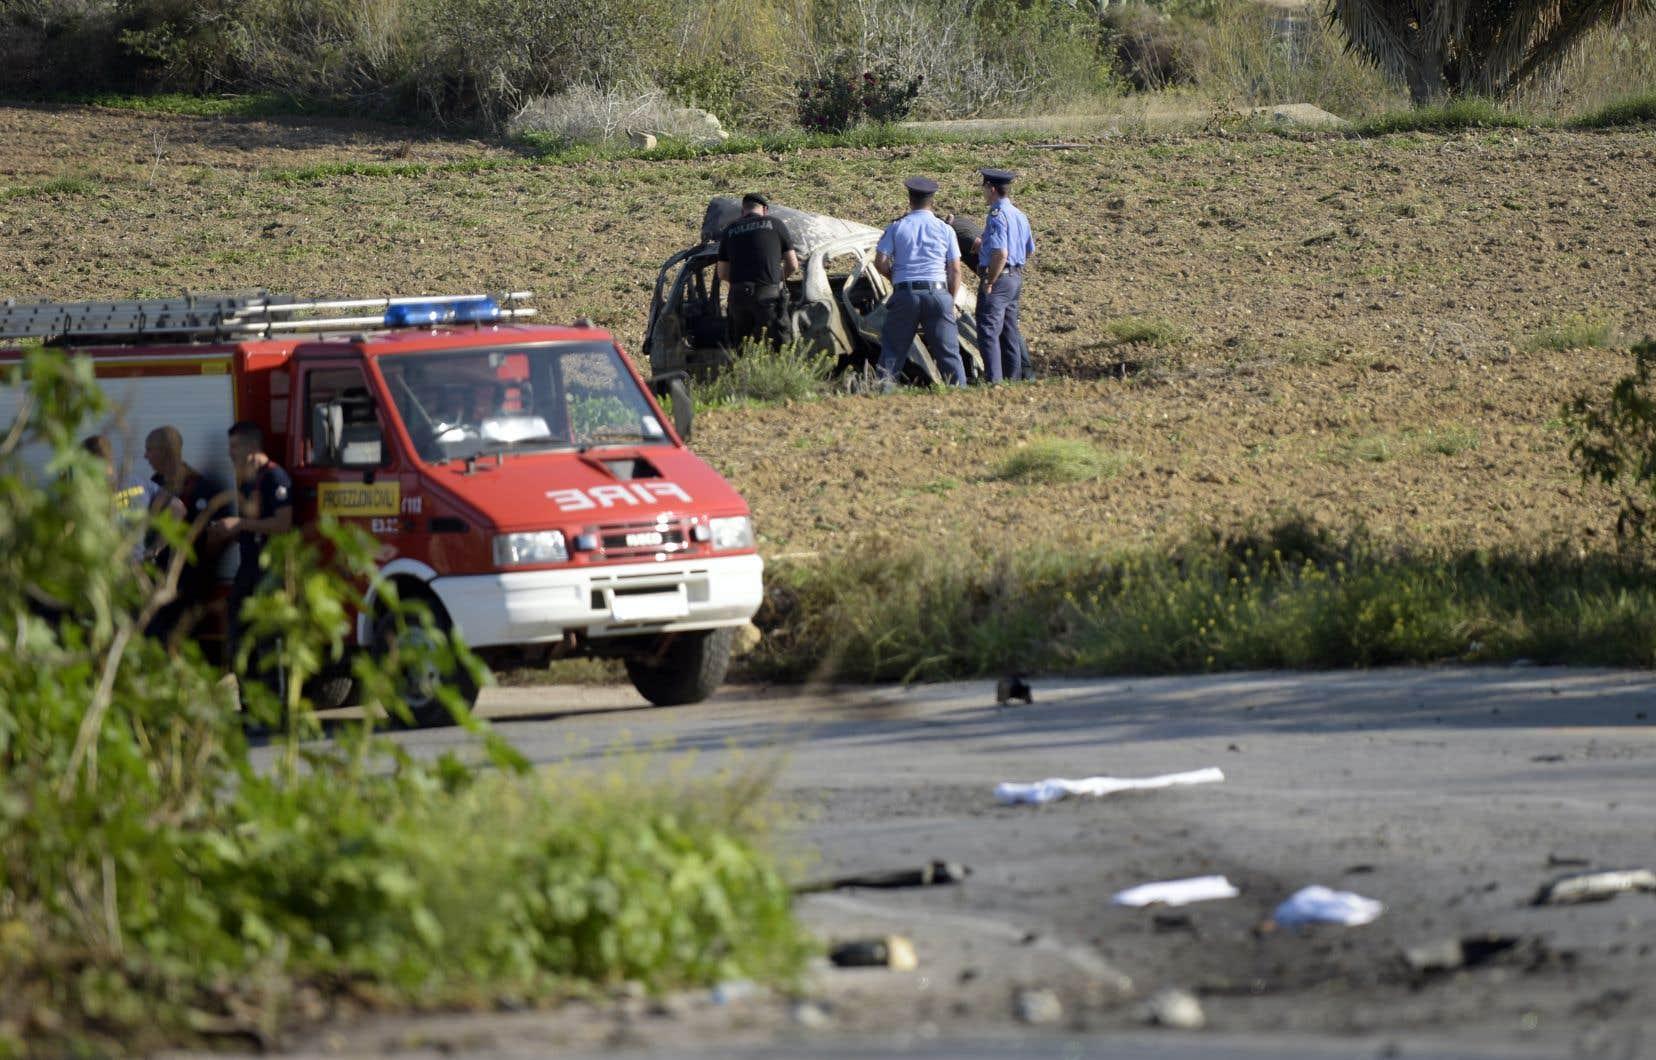 L'explosion a détruit la voiture de Daphne Caruana Galizia, propulsant la carcasse calcinée du véhicule dans un champ voisin.